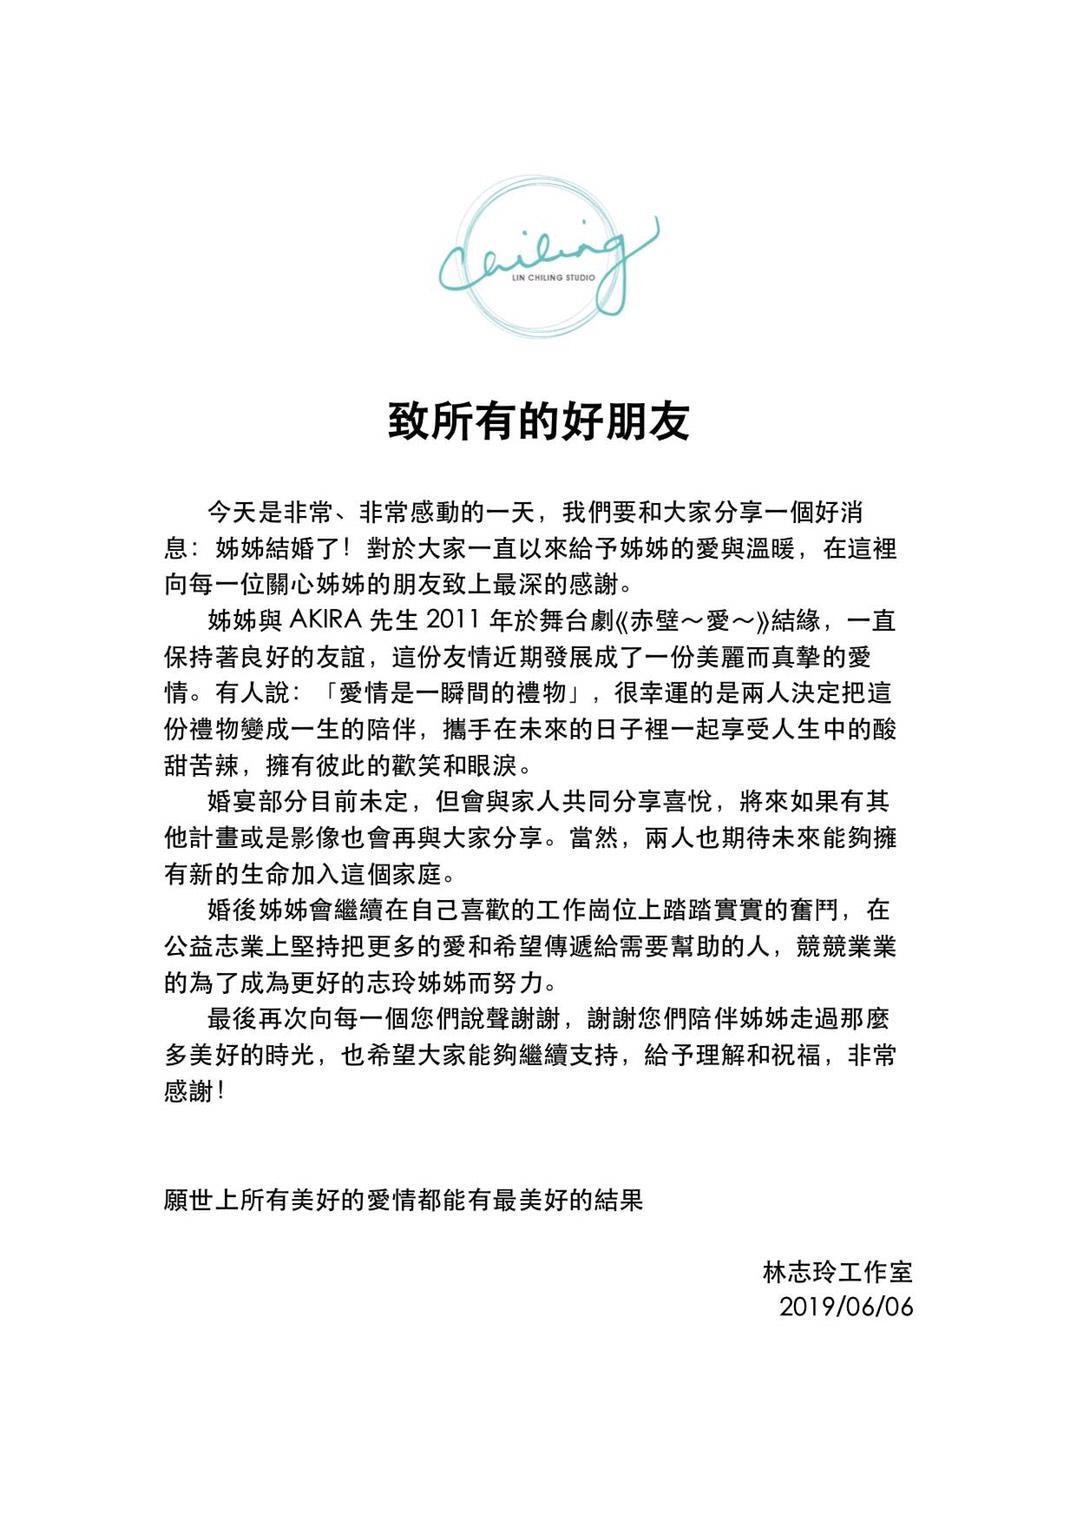 林志玲工作室聲明。圖/截自林志玲臉書